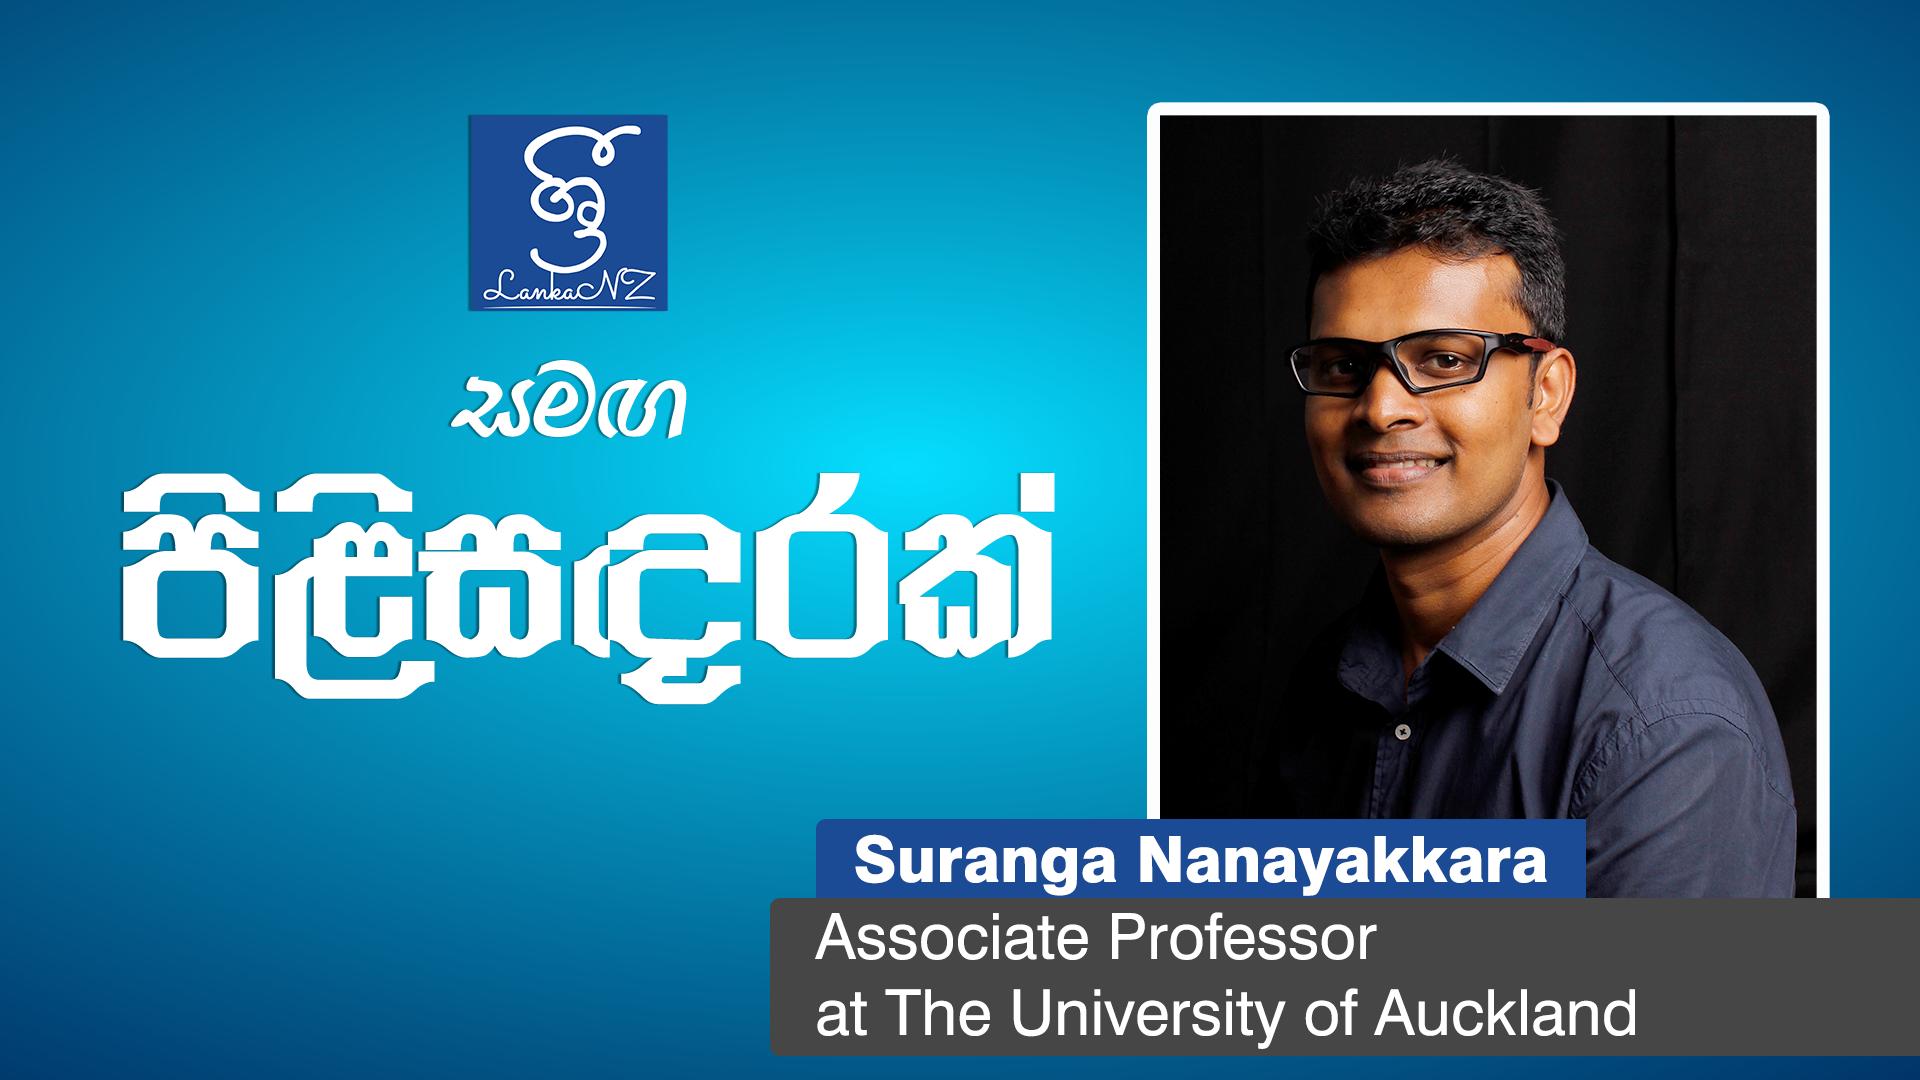 සාර්ථකත්වයට shortcut නෑ – Interview with Suranga Nanayakkara by Sachithra Perera